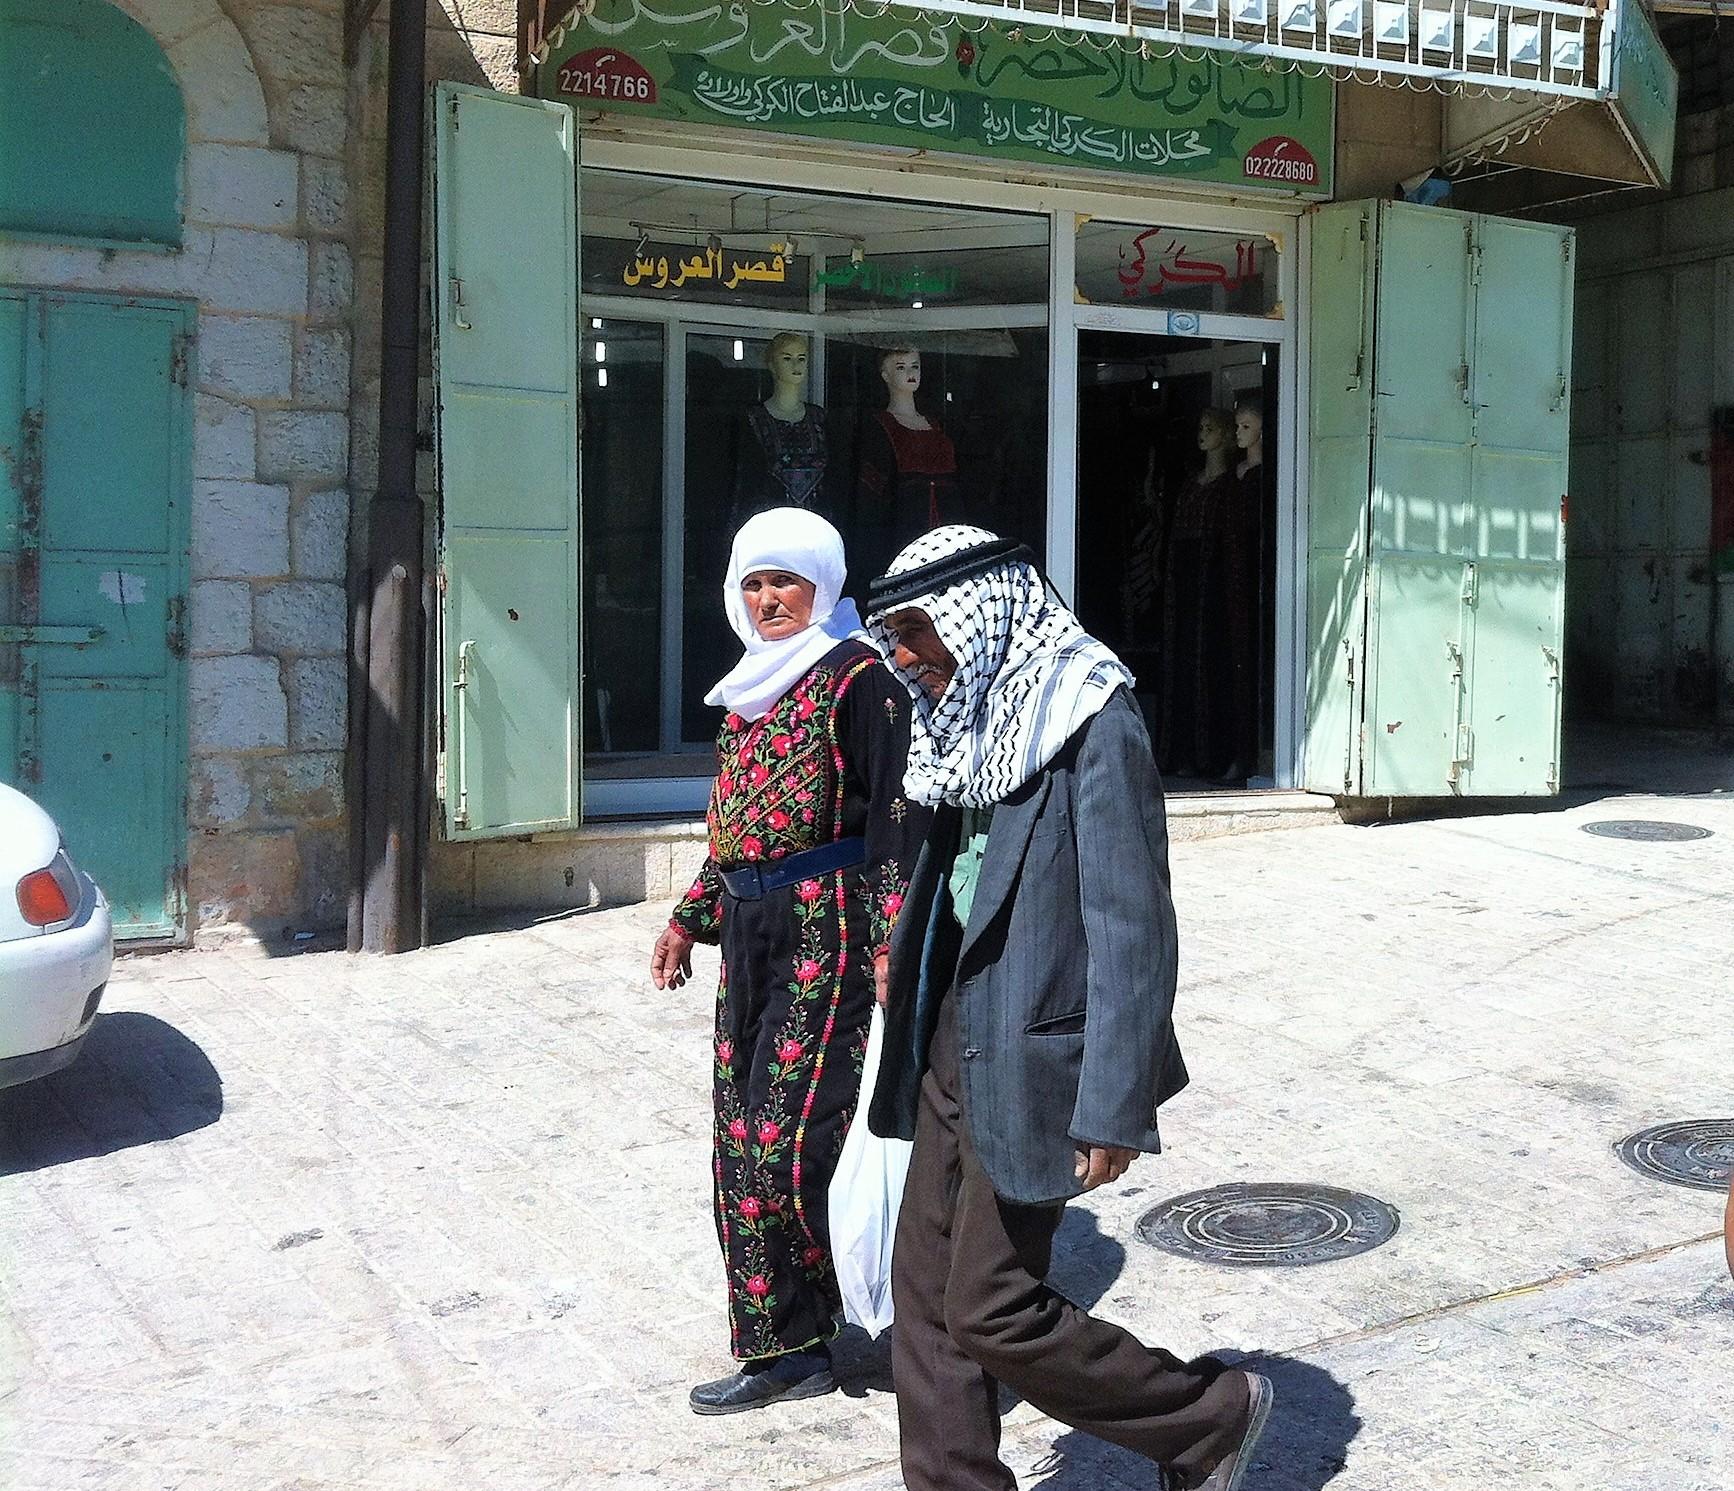 Palestiinalaispari kävelemässä kadulla